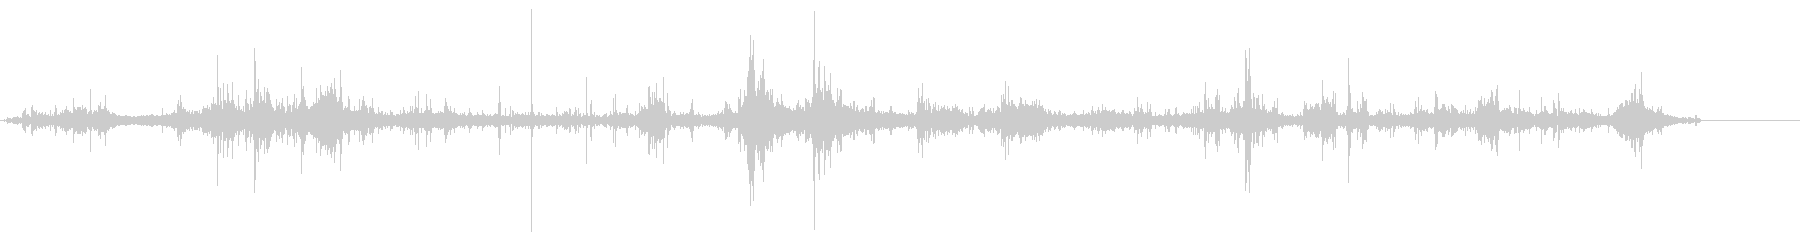 湖畔の波の音 ドボン ポチョン ザブン の未再生の波形